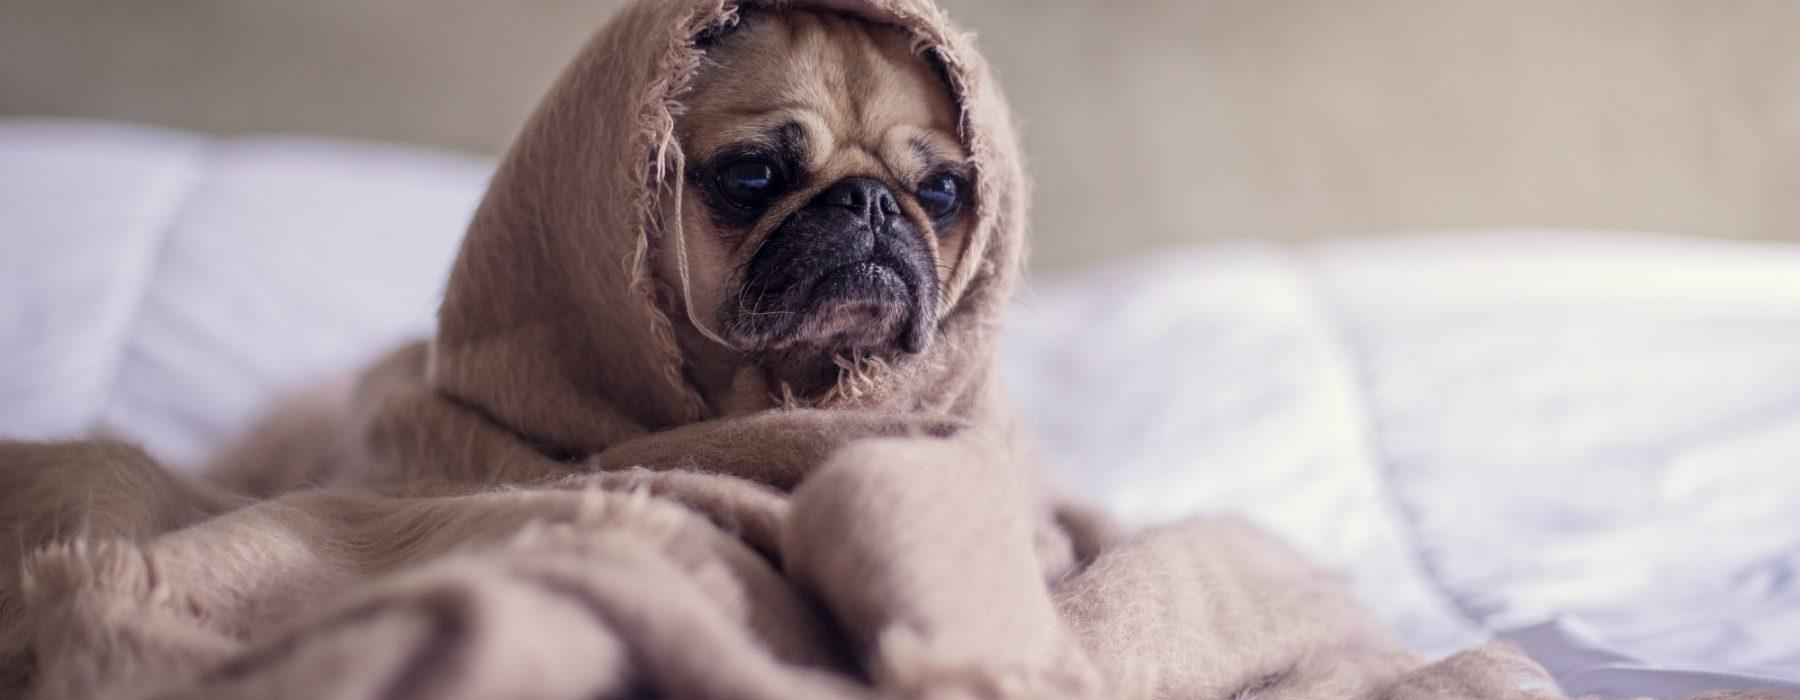 Gdy Ci zimno, gdy Ci źle, weźże kocyk, zagrzej się!